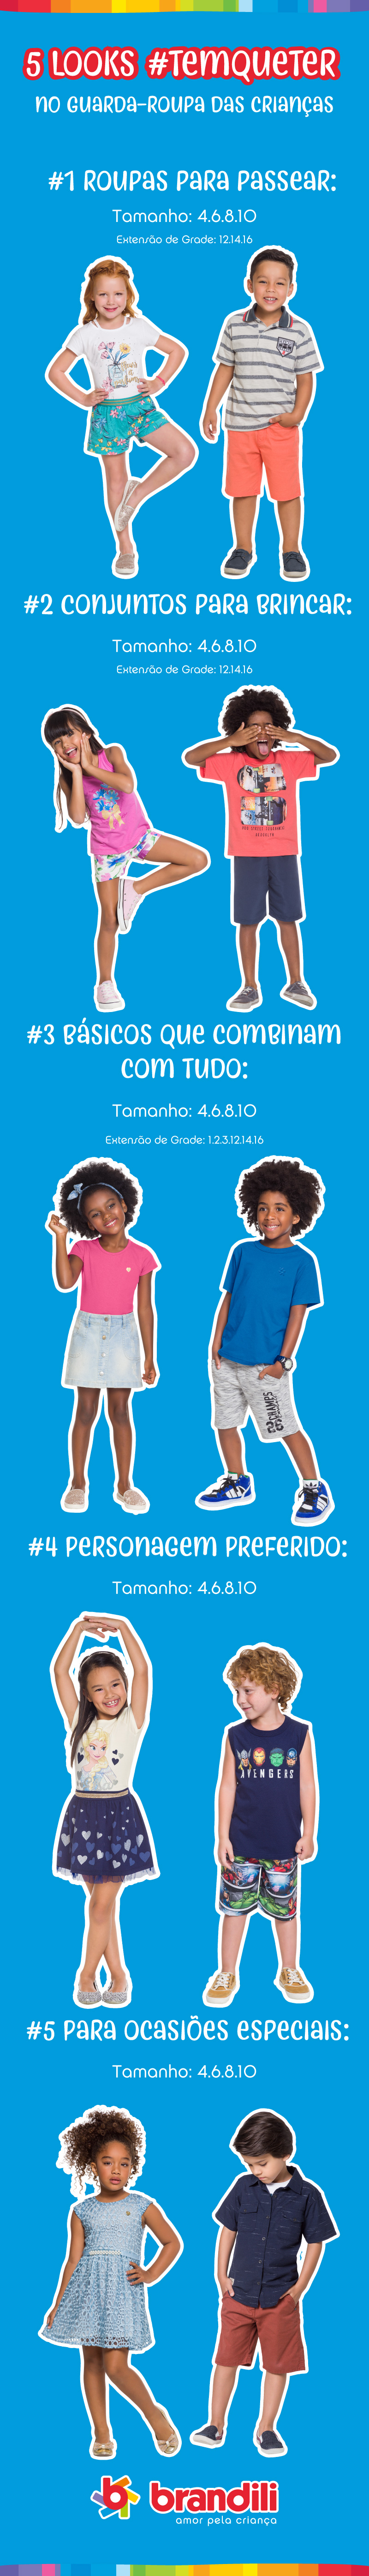 Verão: 5 Looks #temqueter no guarda-roupa das crianças